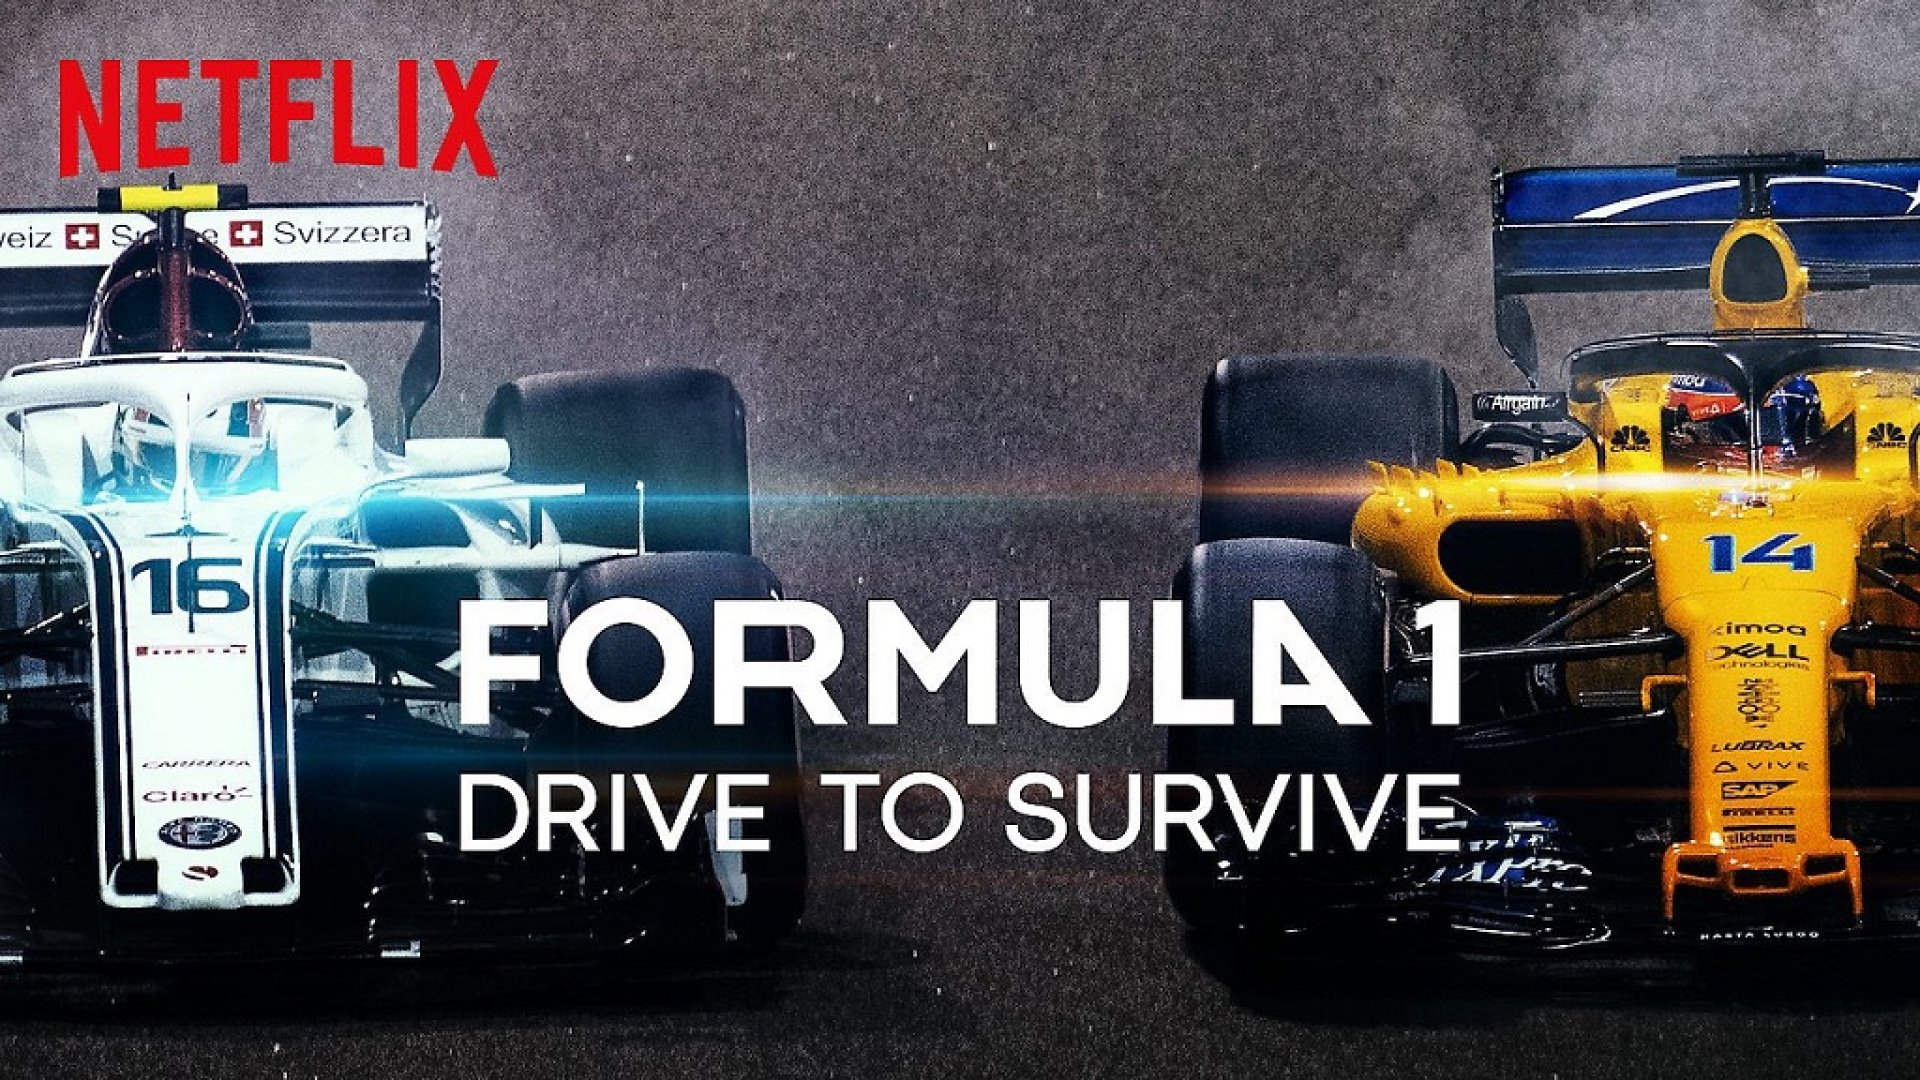 Os bastidores selvagens da Formula 1, mostrados sem censura